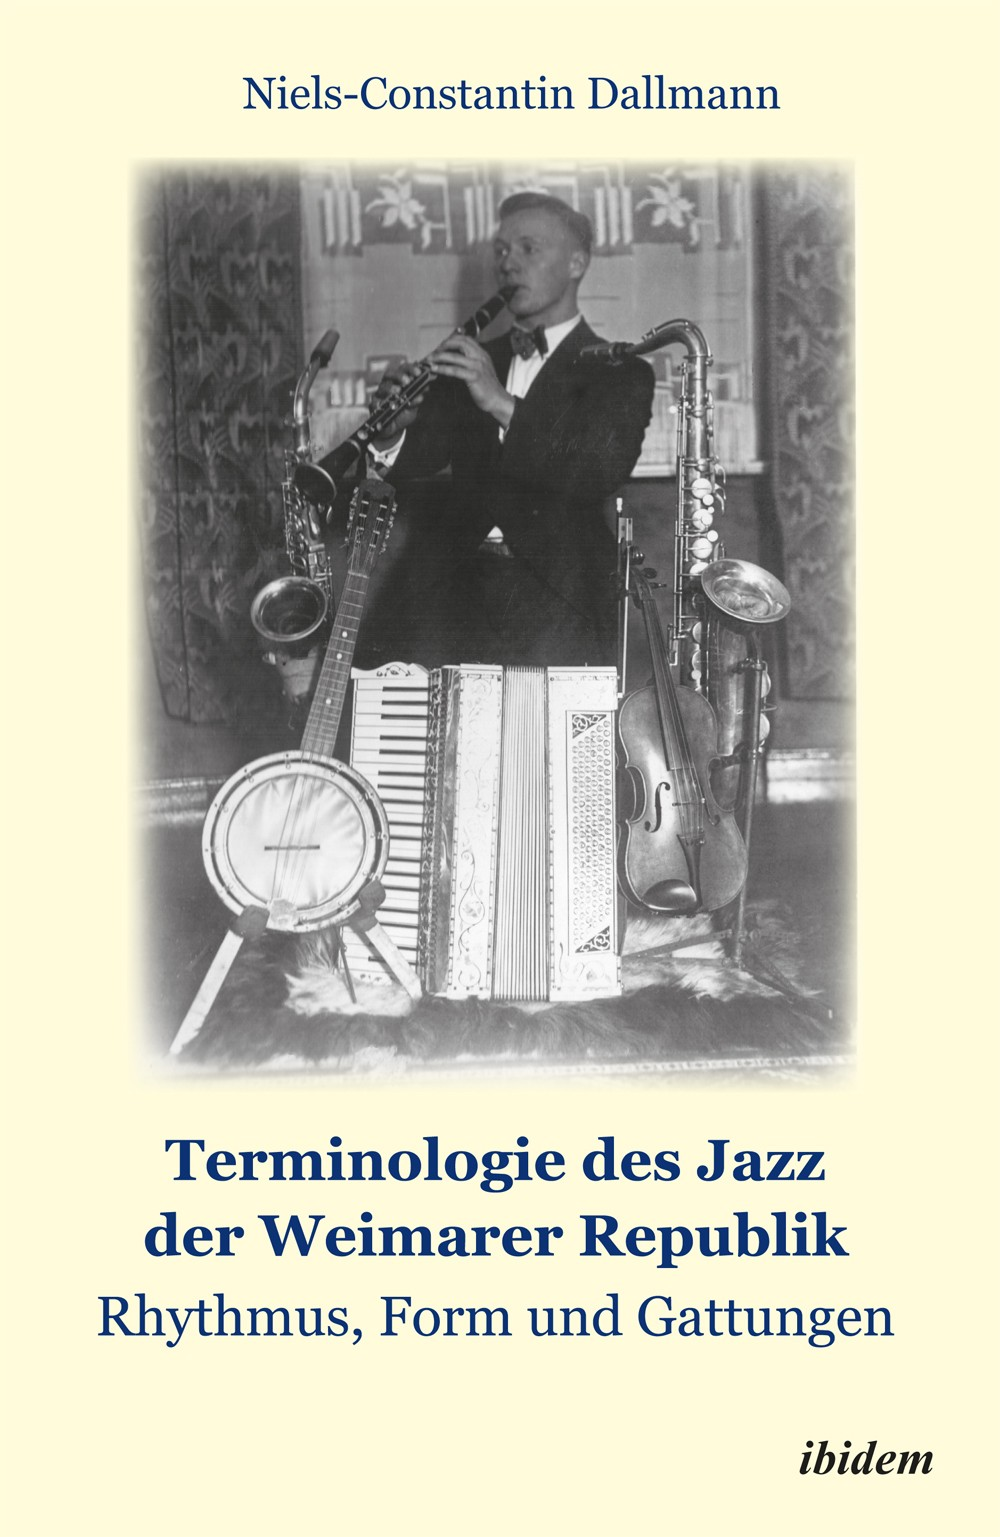 Terminologie des Jazz der Weimarer Republik: Rhythmus, Form und Gattungen